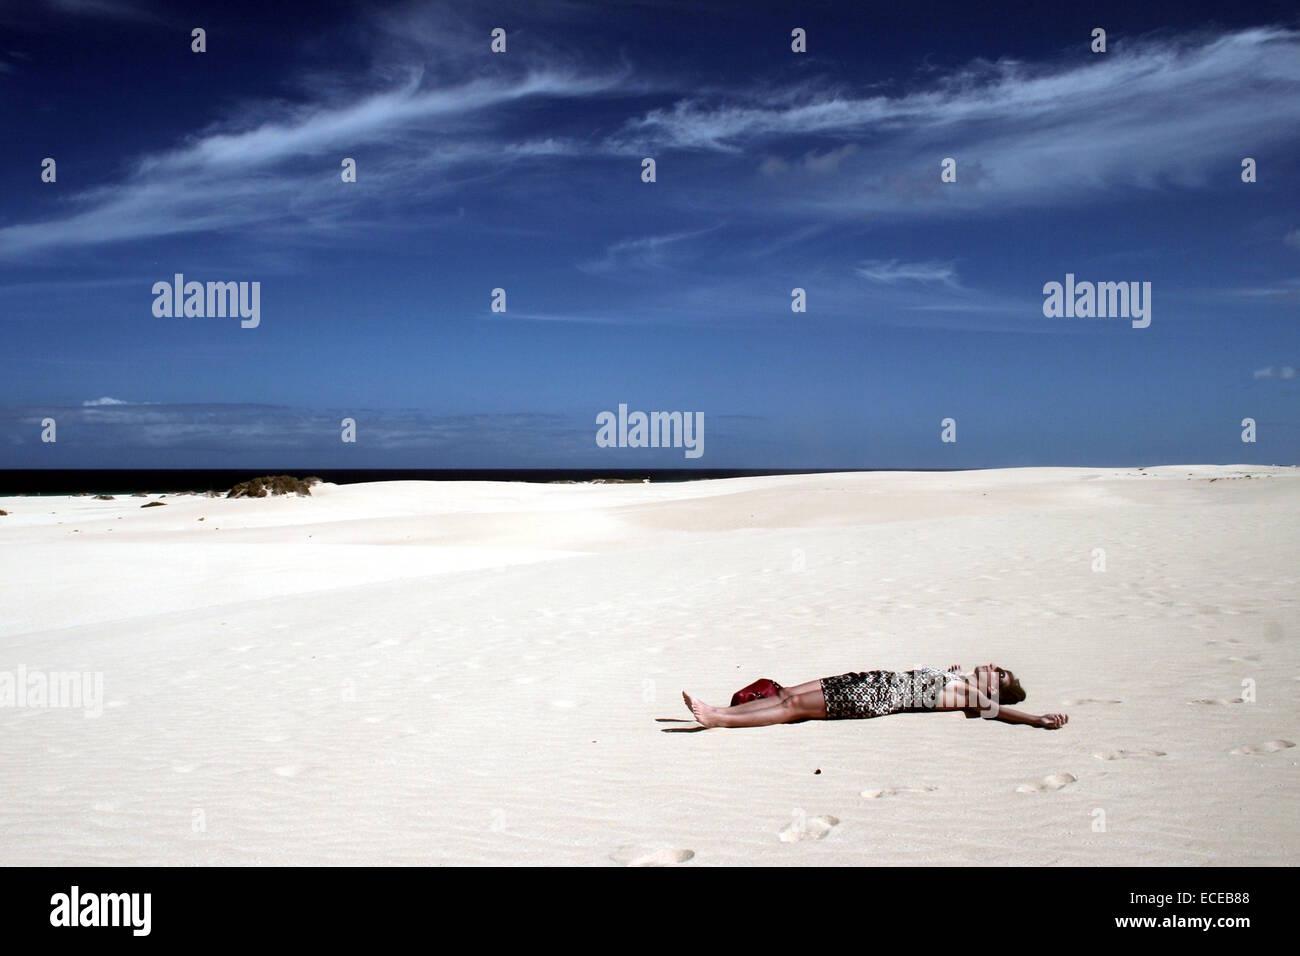 Spanien, Kanarische Inseln, Fuerteventura, Natur Park der Dünen von Corralejo, Frau liegt in der Wüste Stockbild